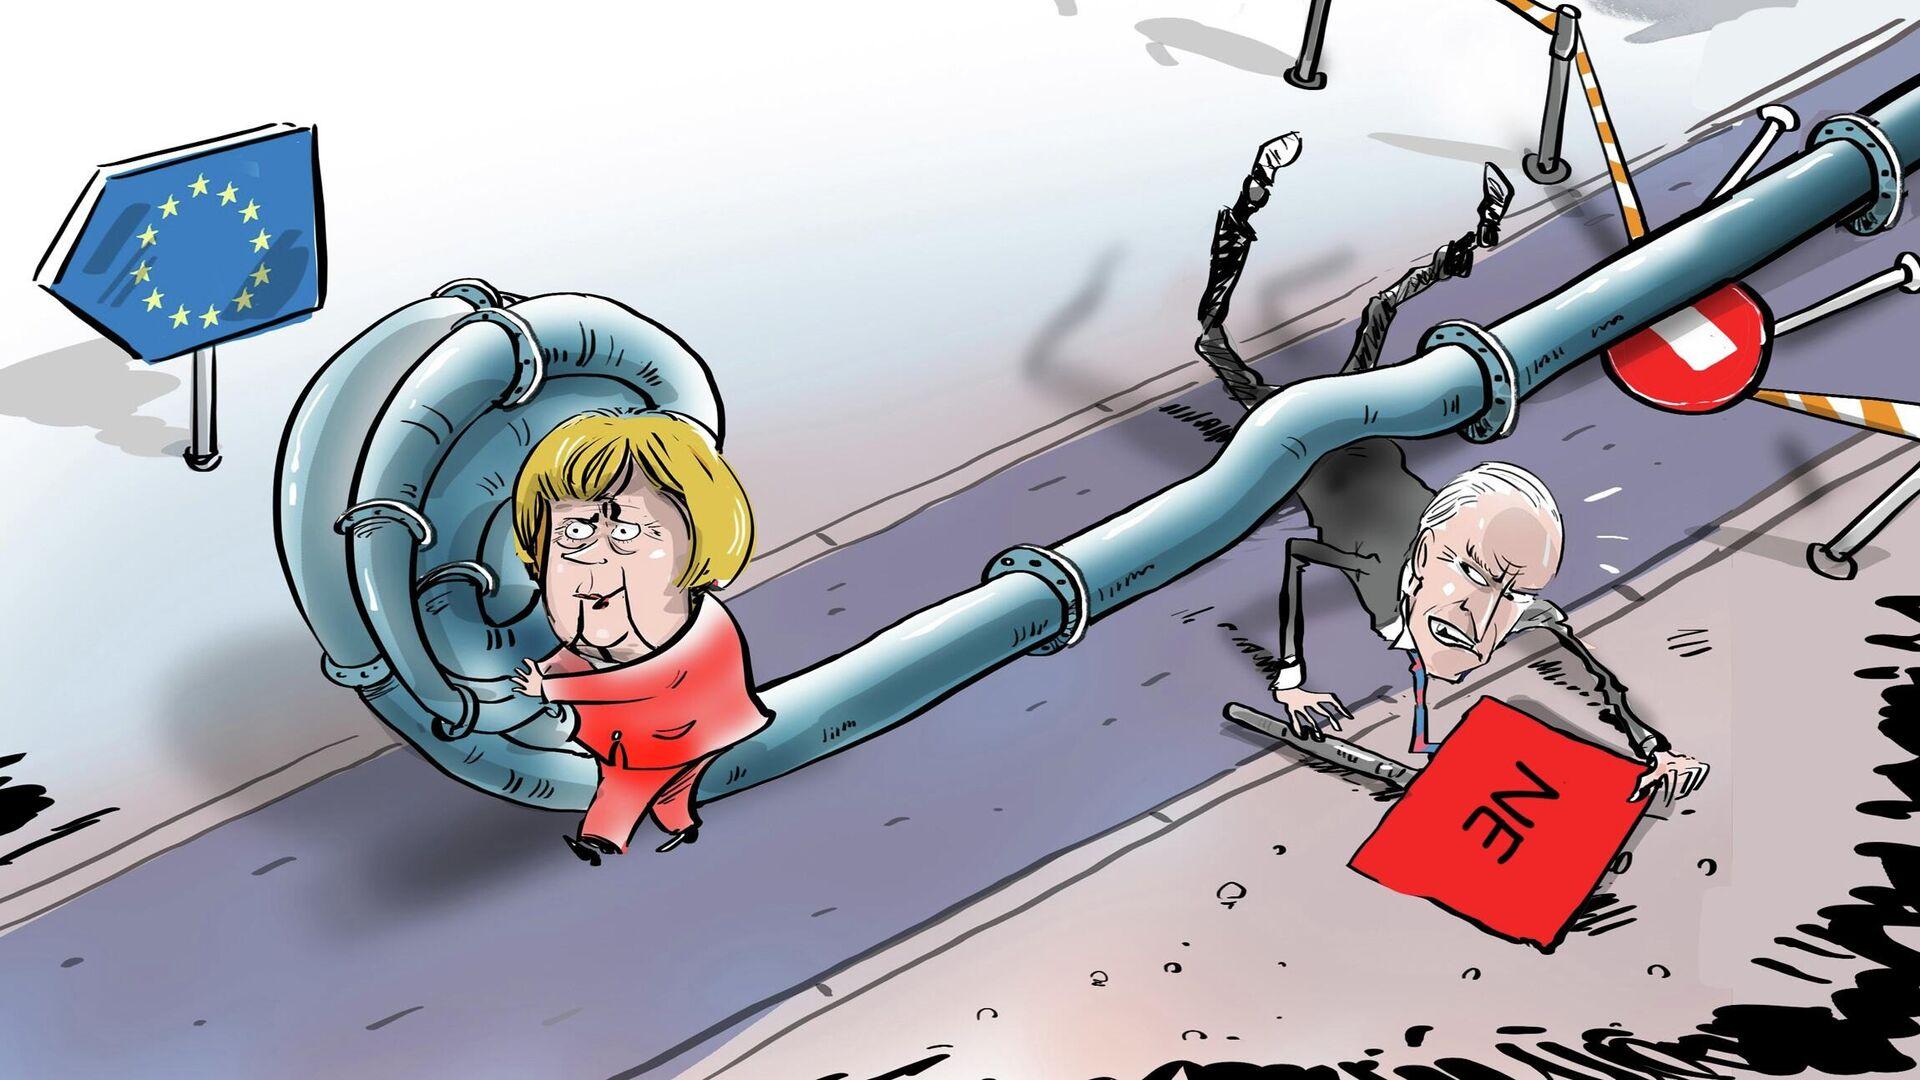 Merkelová ponížila Bidena svým rozhodnutím o plynovodu Nord Stream 2 - Sputnik Česká republika, 1920, 13.07.2021